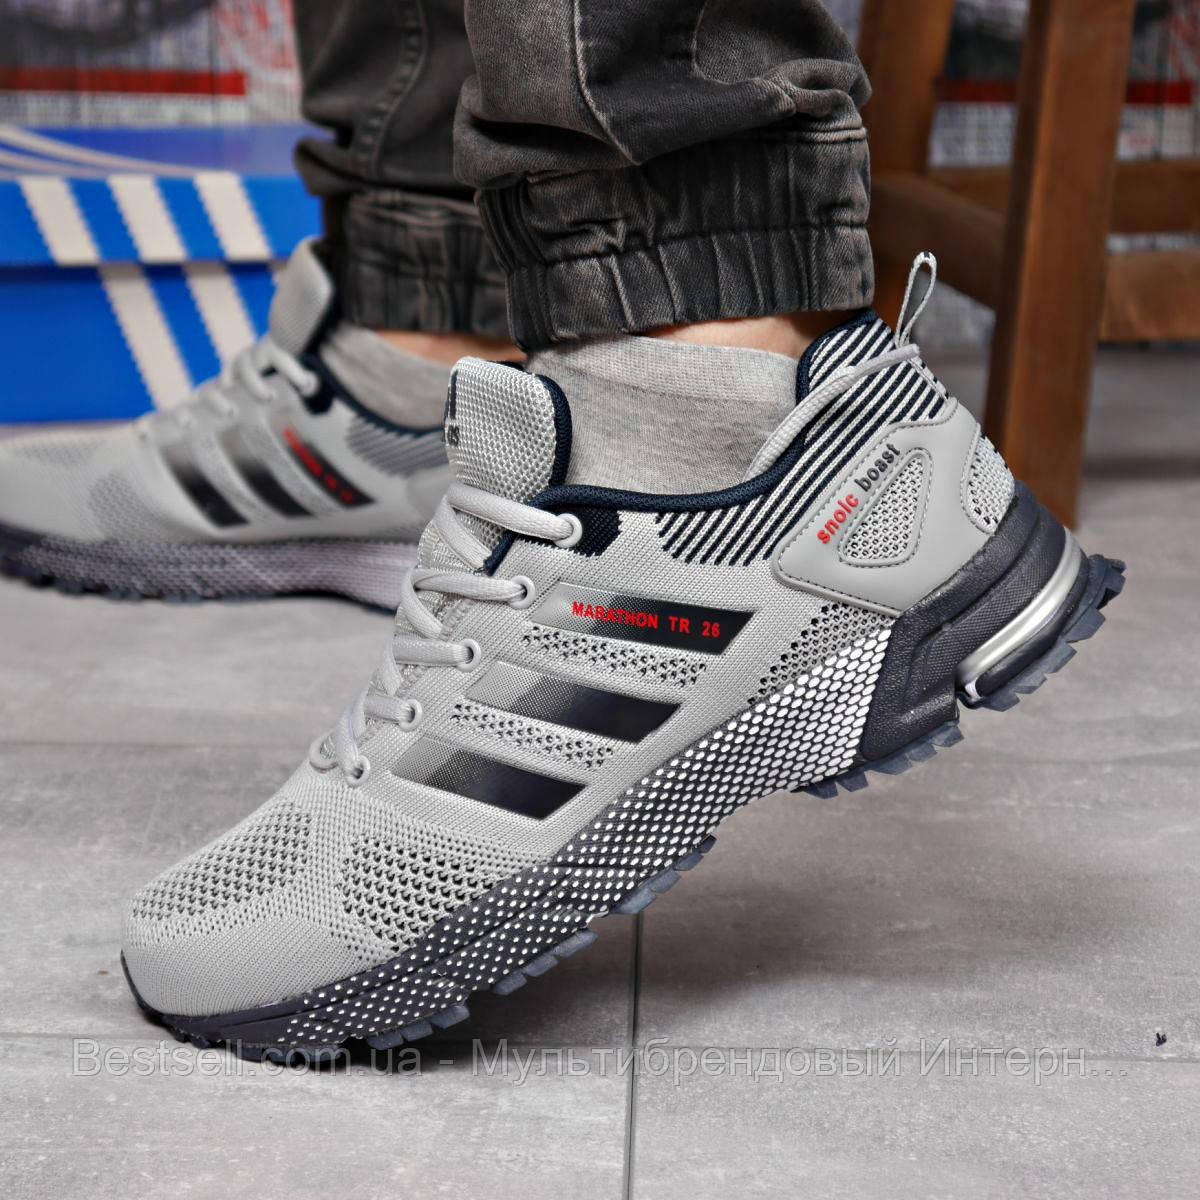 Кроссовки мужские 18221, Adidas Marathon Tr 26, серые, [ 44 46 ] р. 43-28,0см.